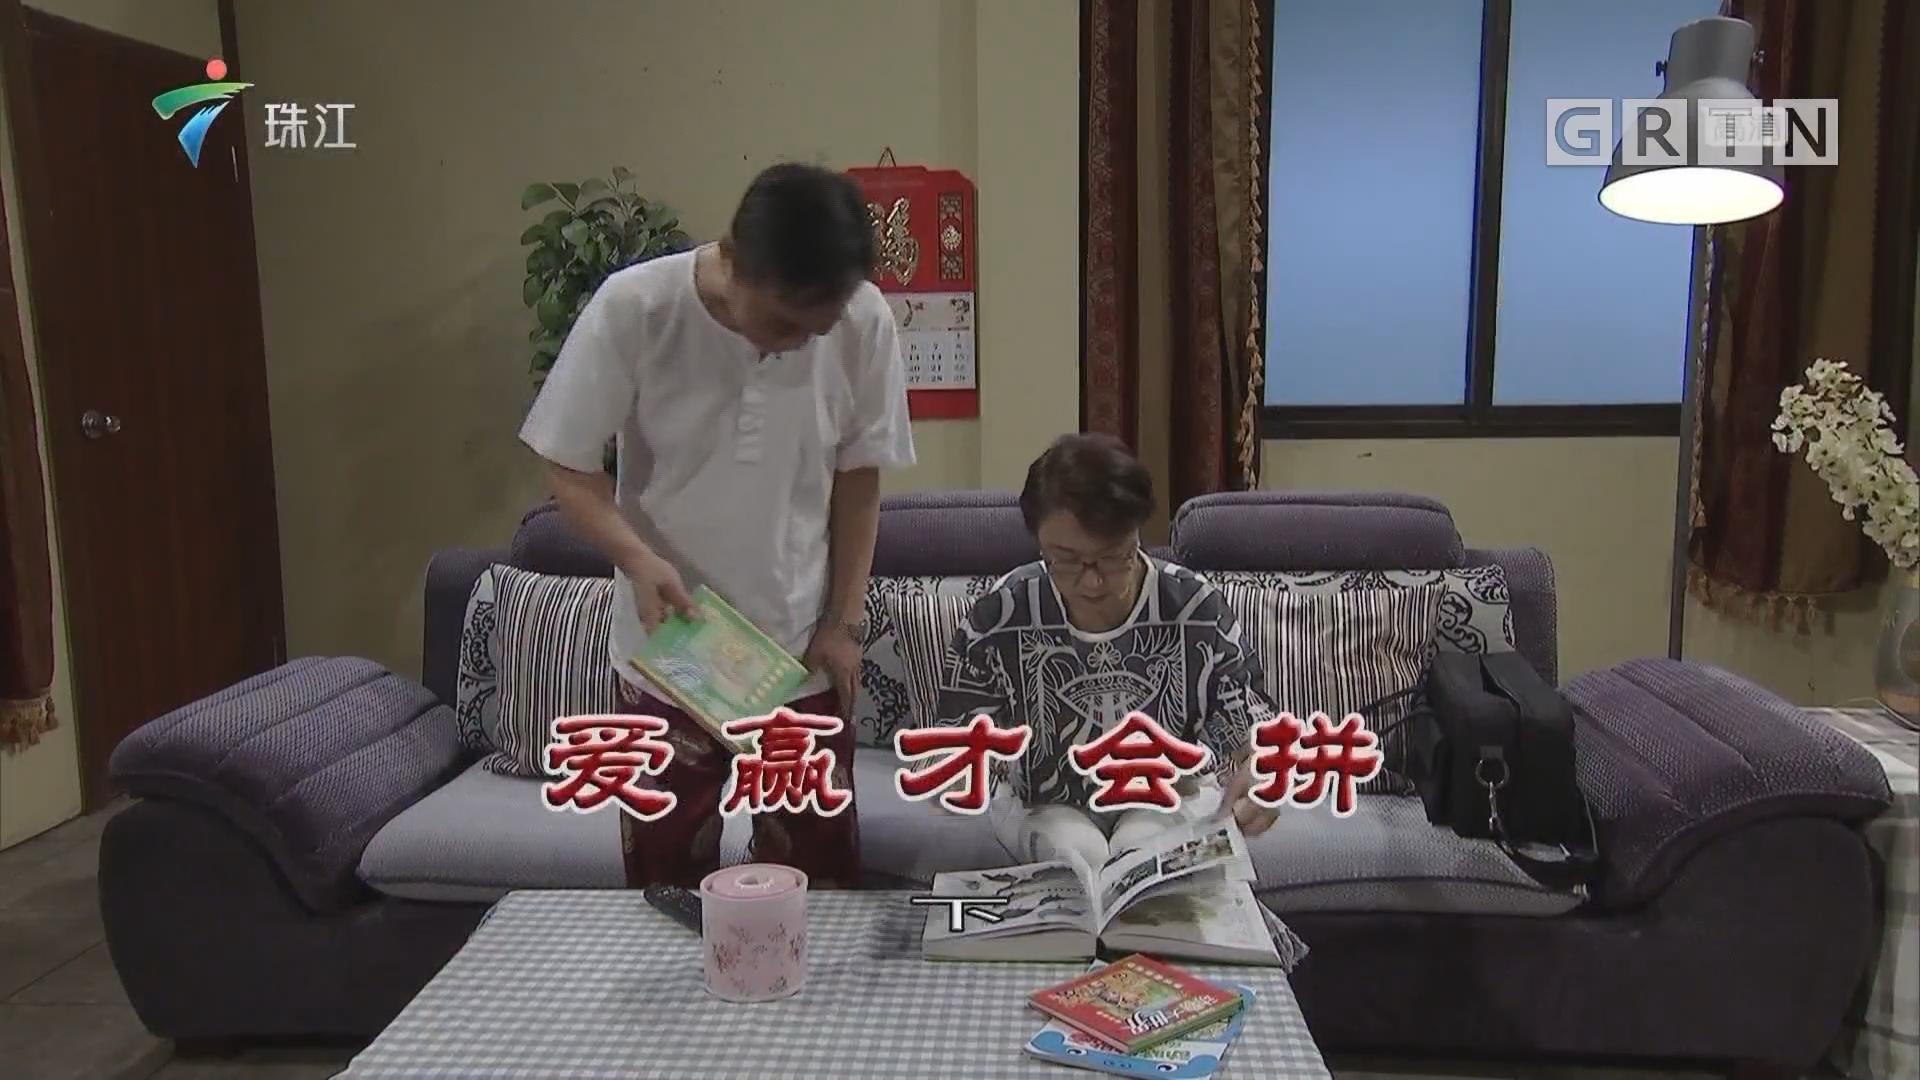 [HD][2019-09-29]外来媳妇本地郎:爱拼才会赢(下)